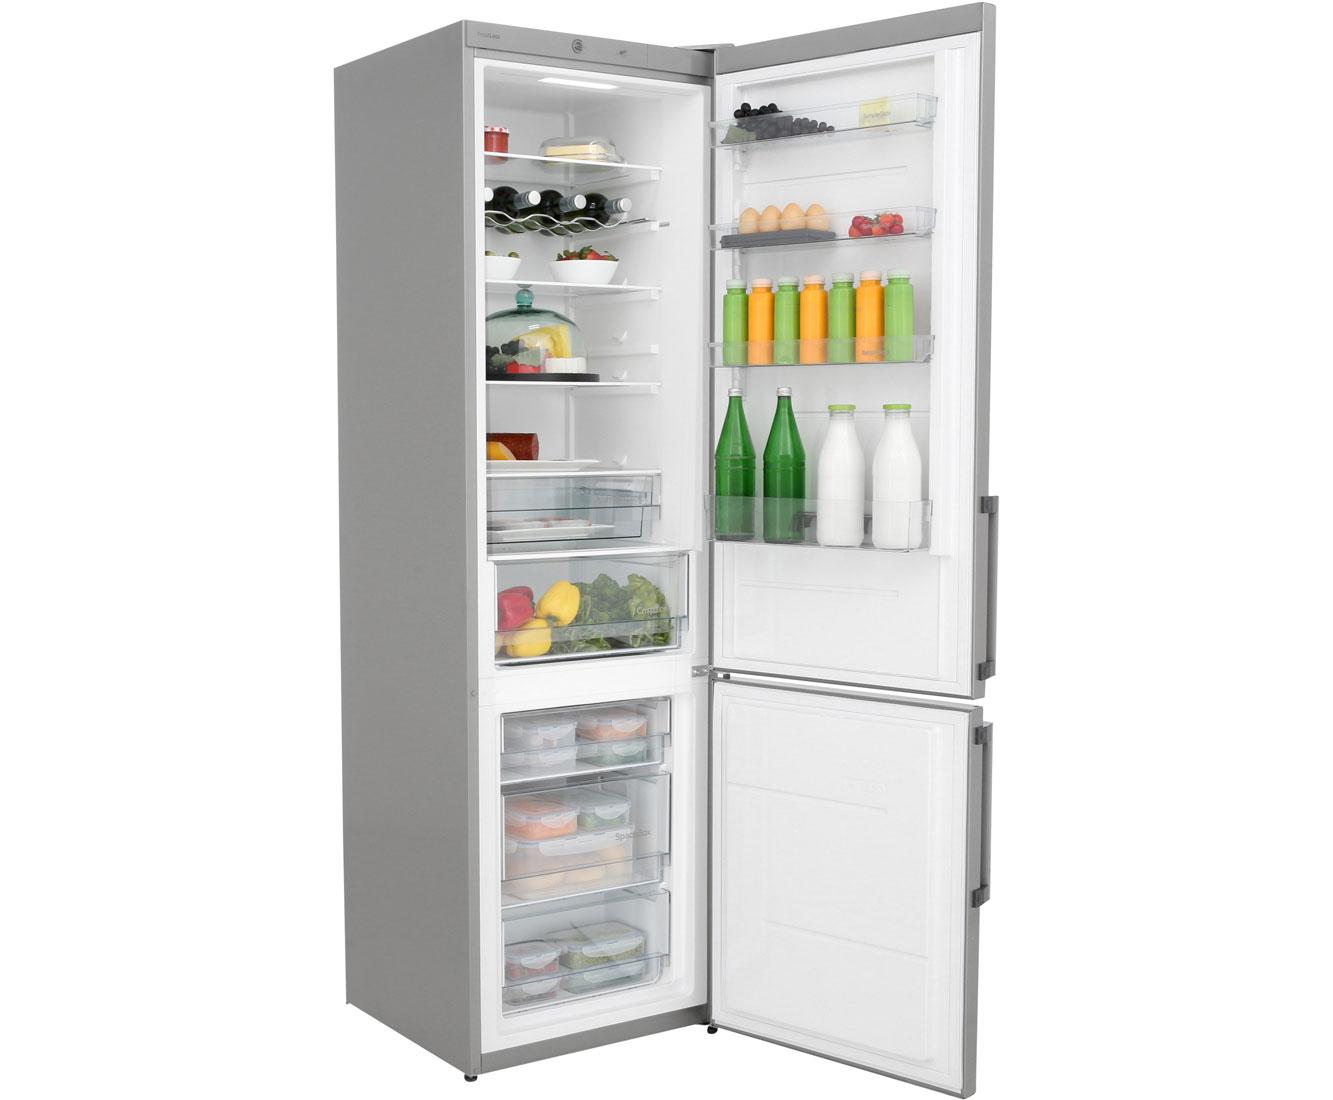 Gorenje Kühlschrank Edelstahl : Gorenje kühlschrank gefrierkombination gorenje rk 6193 ex a stand